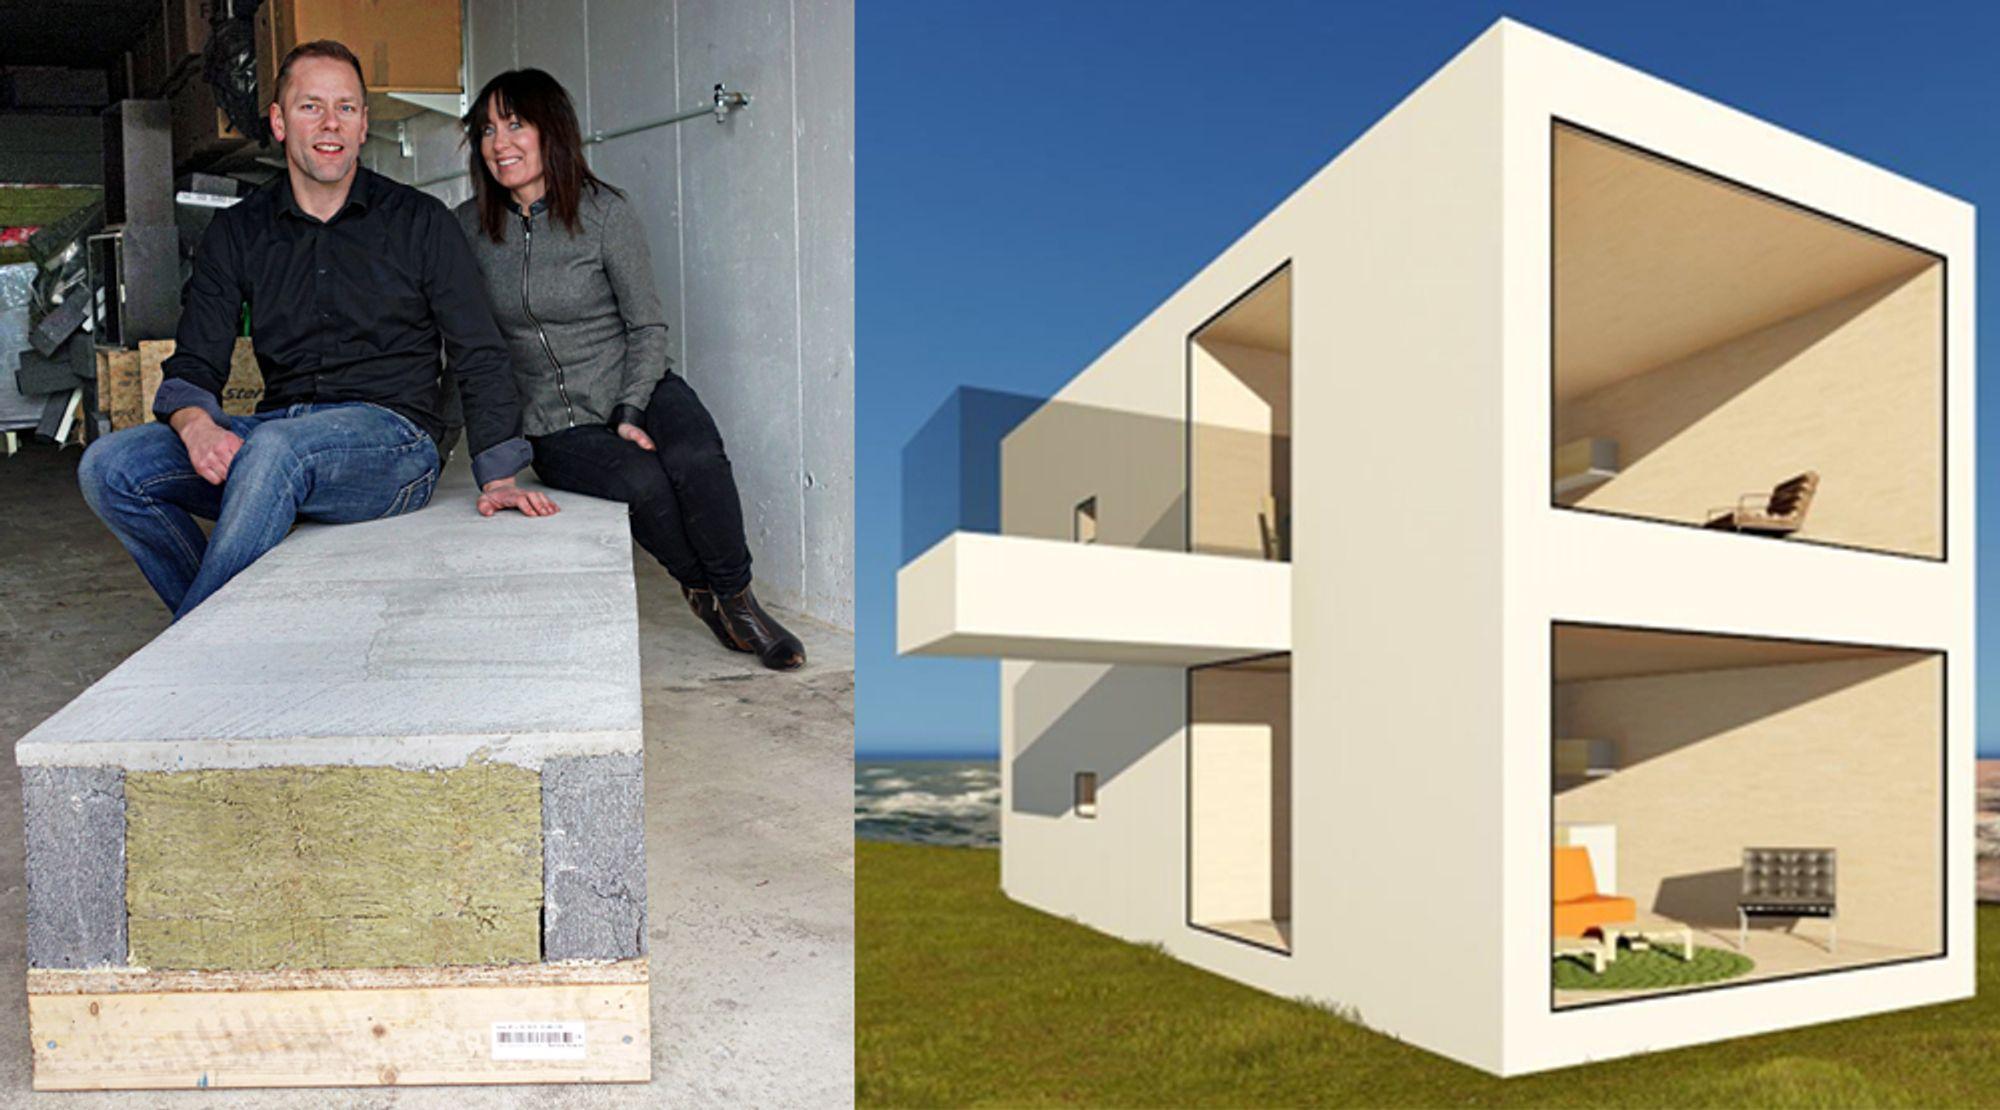 Jonny Vassetrem og Nina Nordmark har brukt all fritid de siste årene på å utvikle tre nye byggpatenter. I løpet av året håper de å få bygget det første Eco-bo-huset i Ålesundområdet.